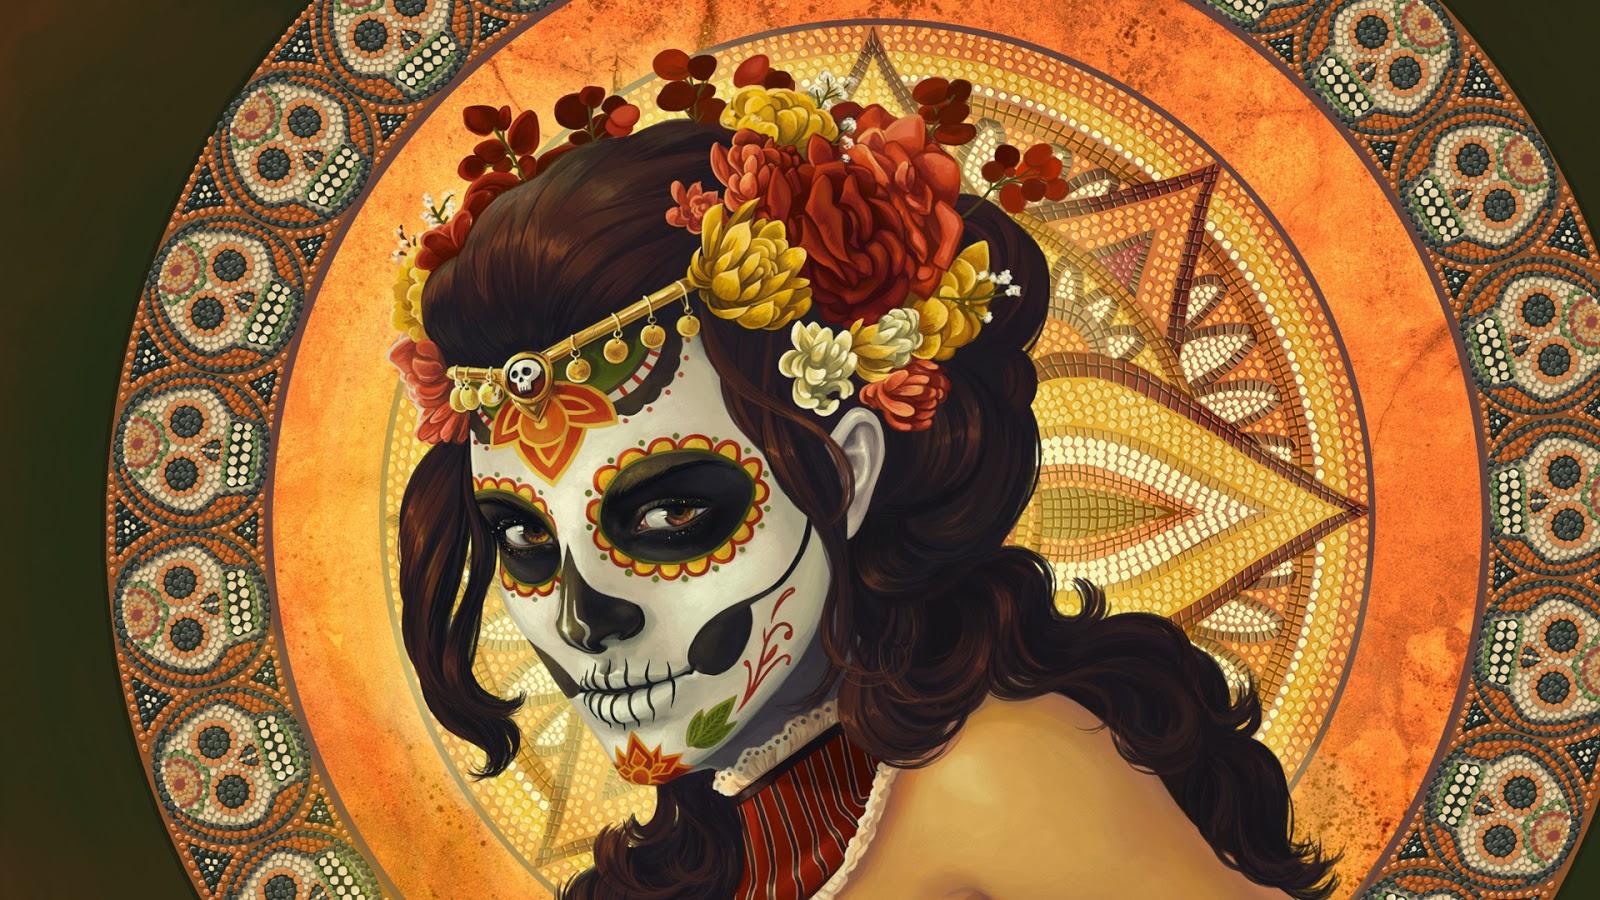 La Morte come Palcoscenico Psichico: una lettura metaforica